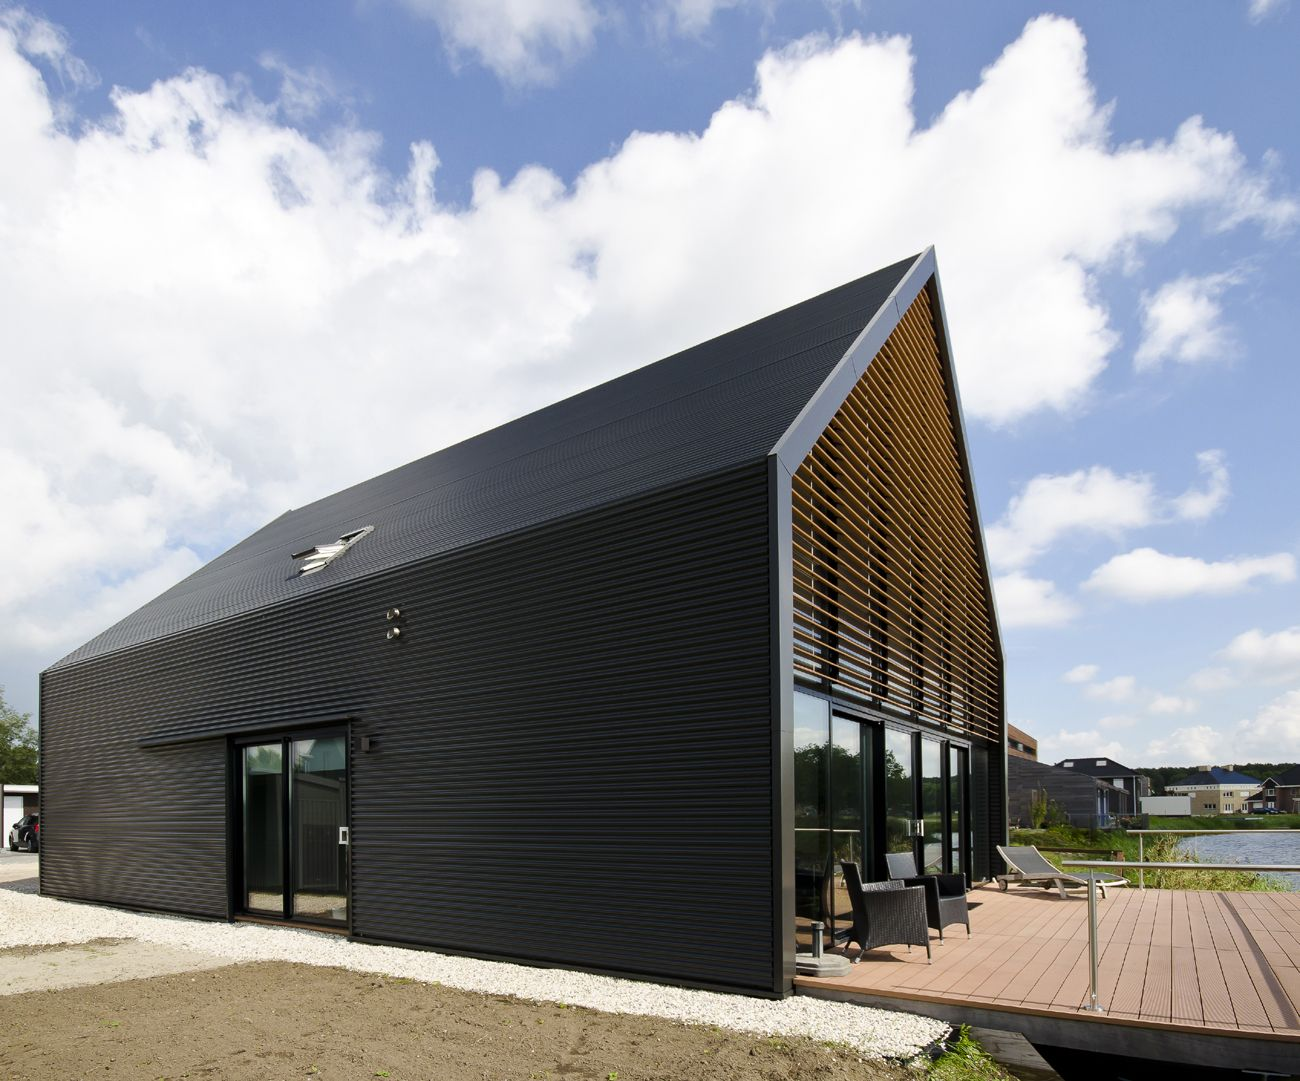 Architectuur droomhuis droomontwerp beurs eigen huis for Beurs eigen huis bouwen